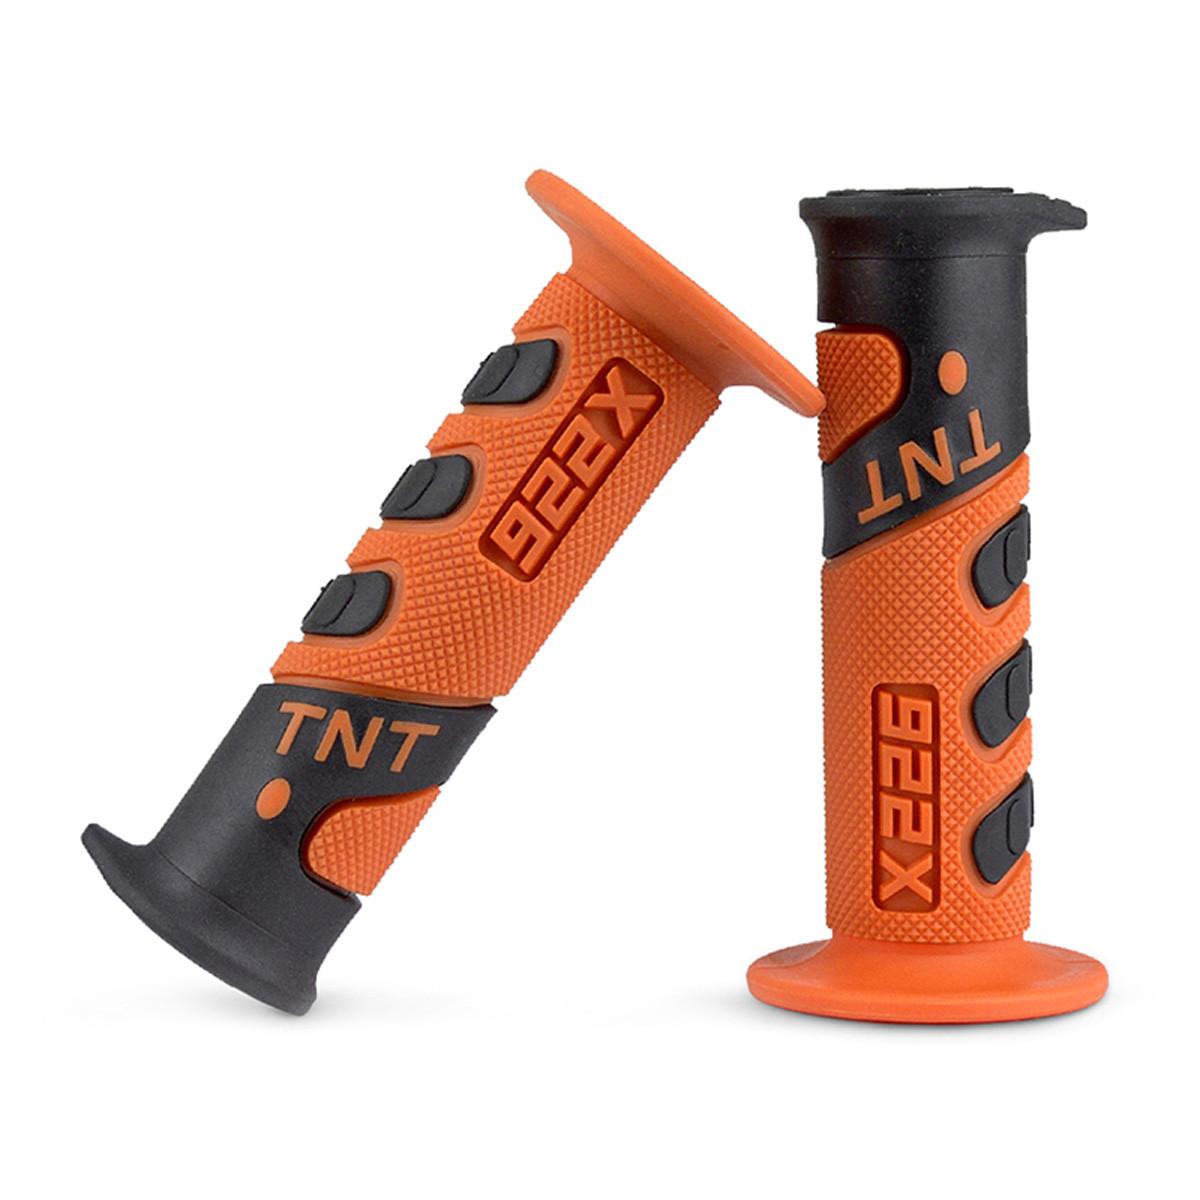 Poignées de Guidon - TNT 922X Orange / Noir